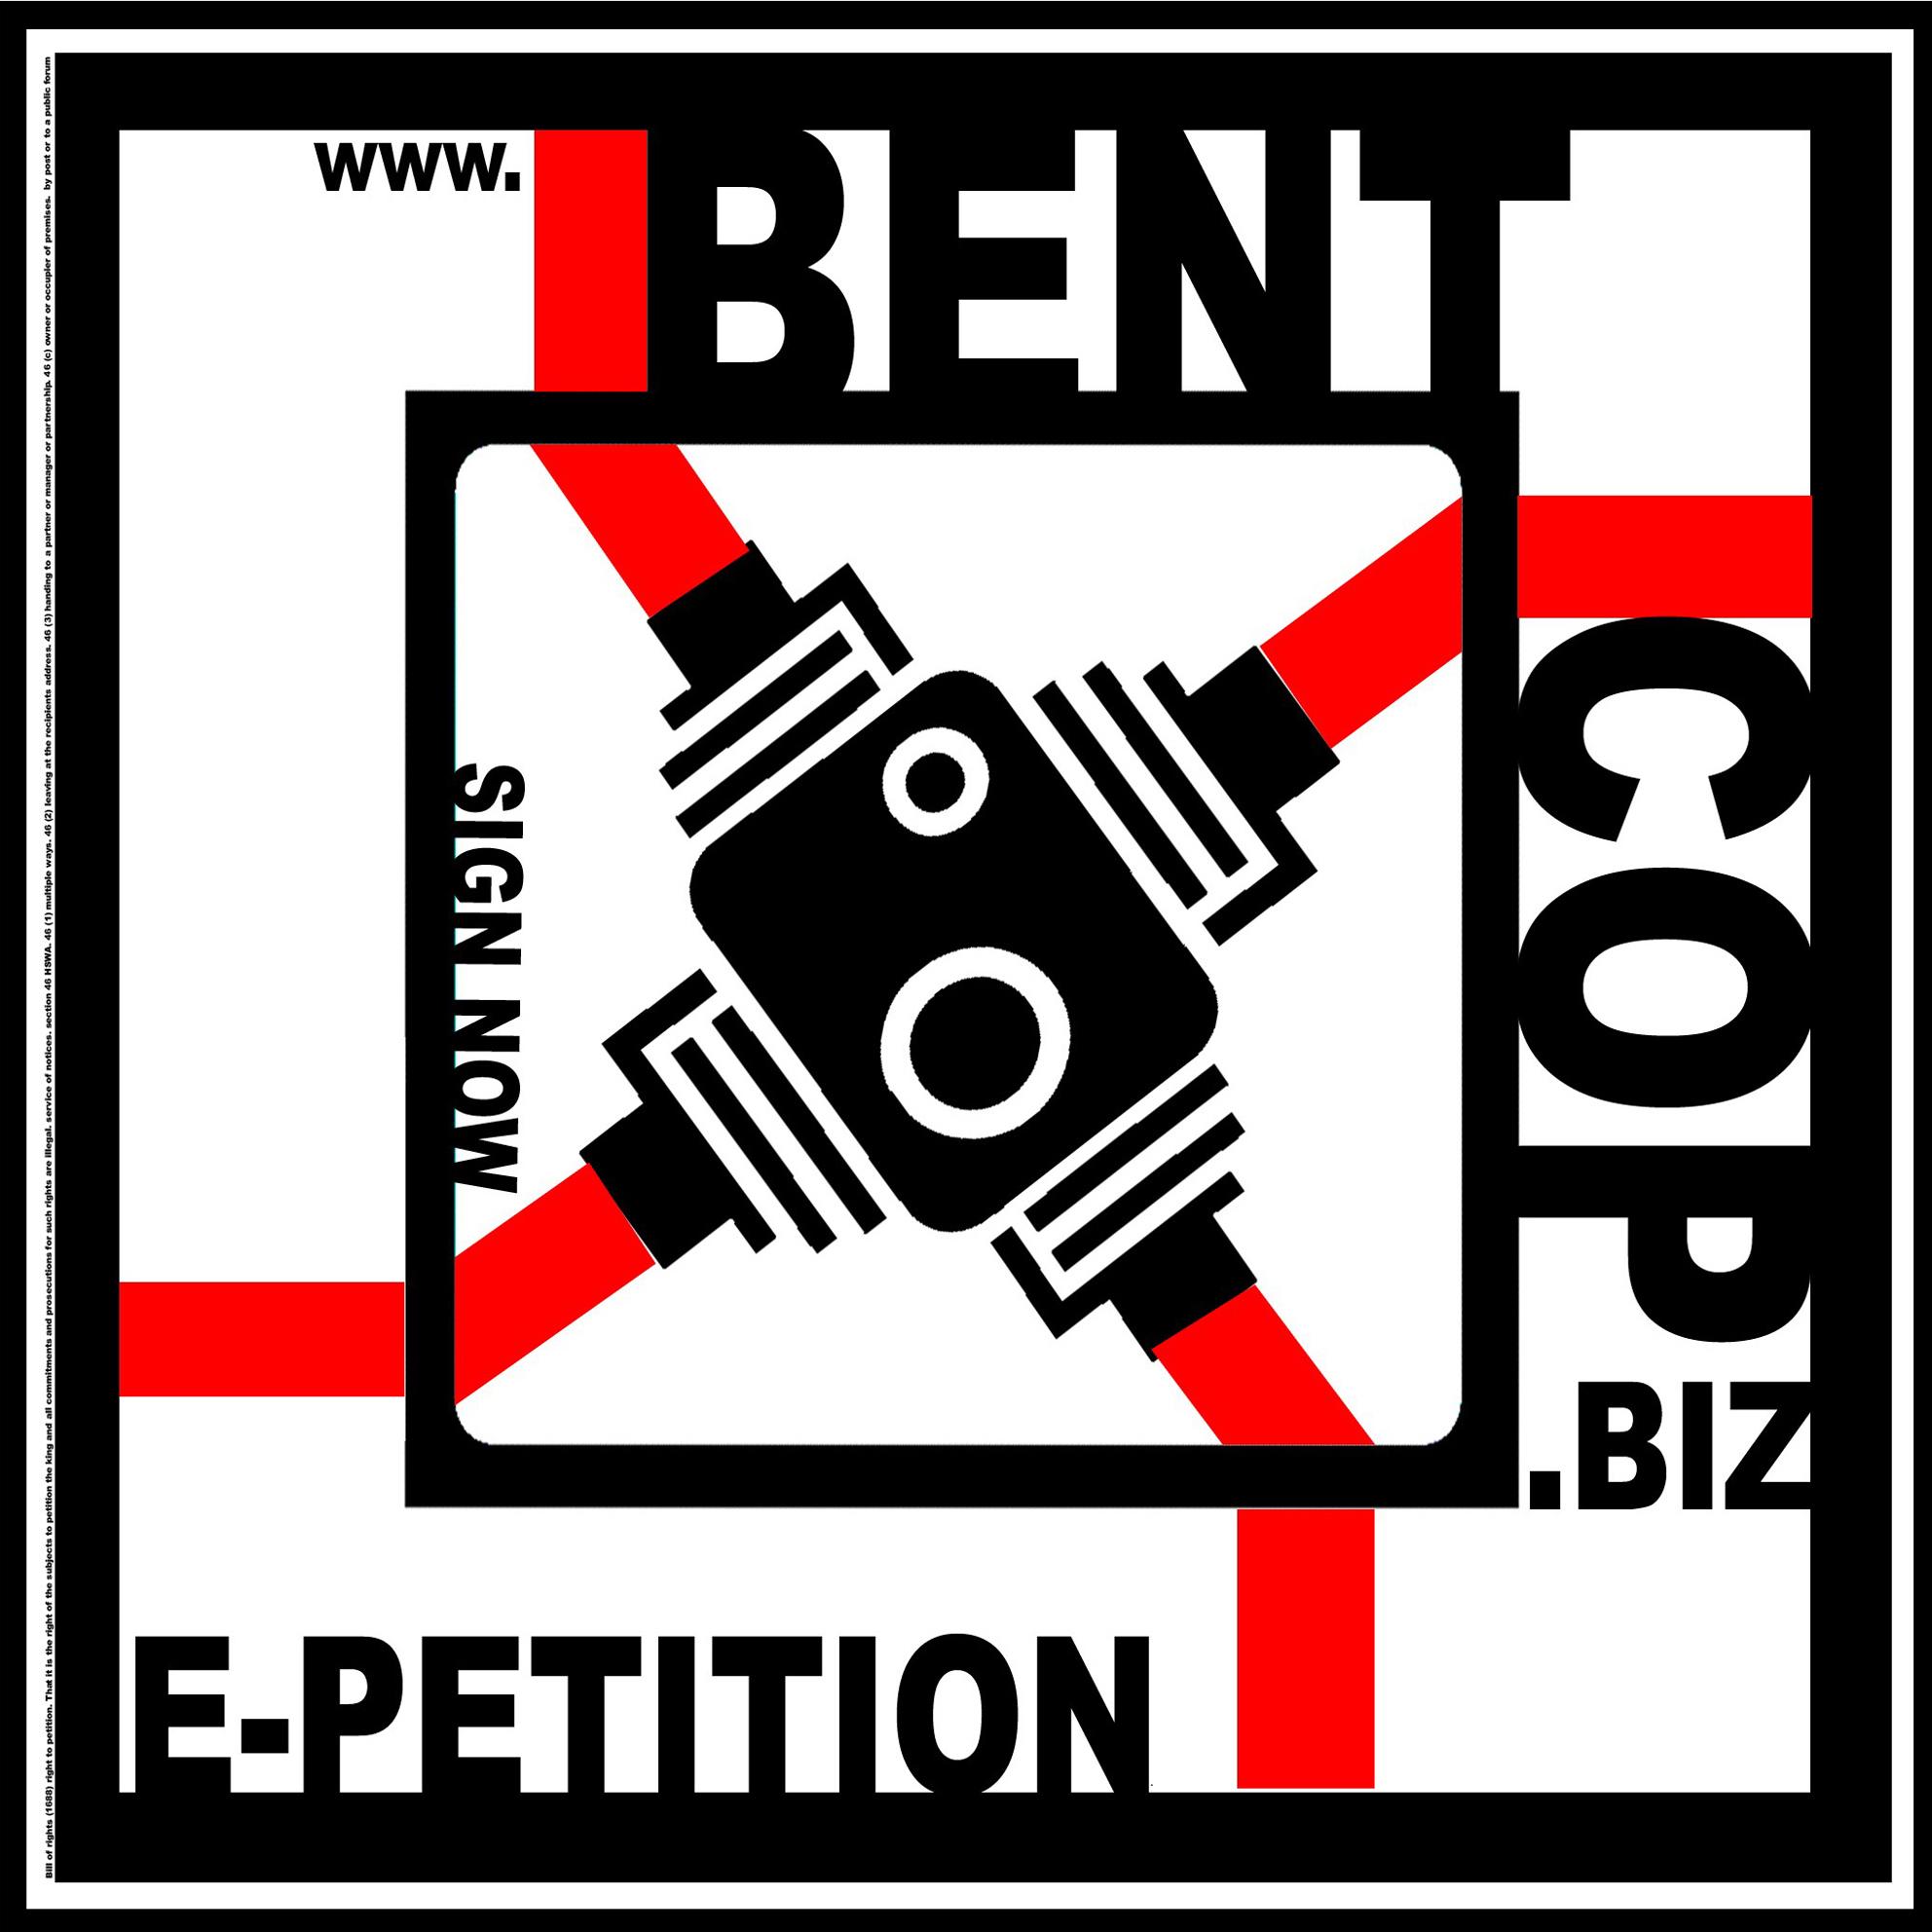 http://www.bentcop.biz/redsA.jpg